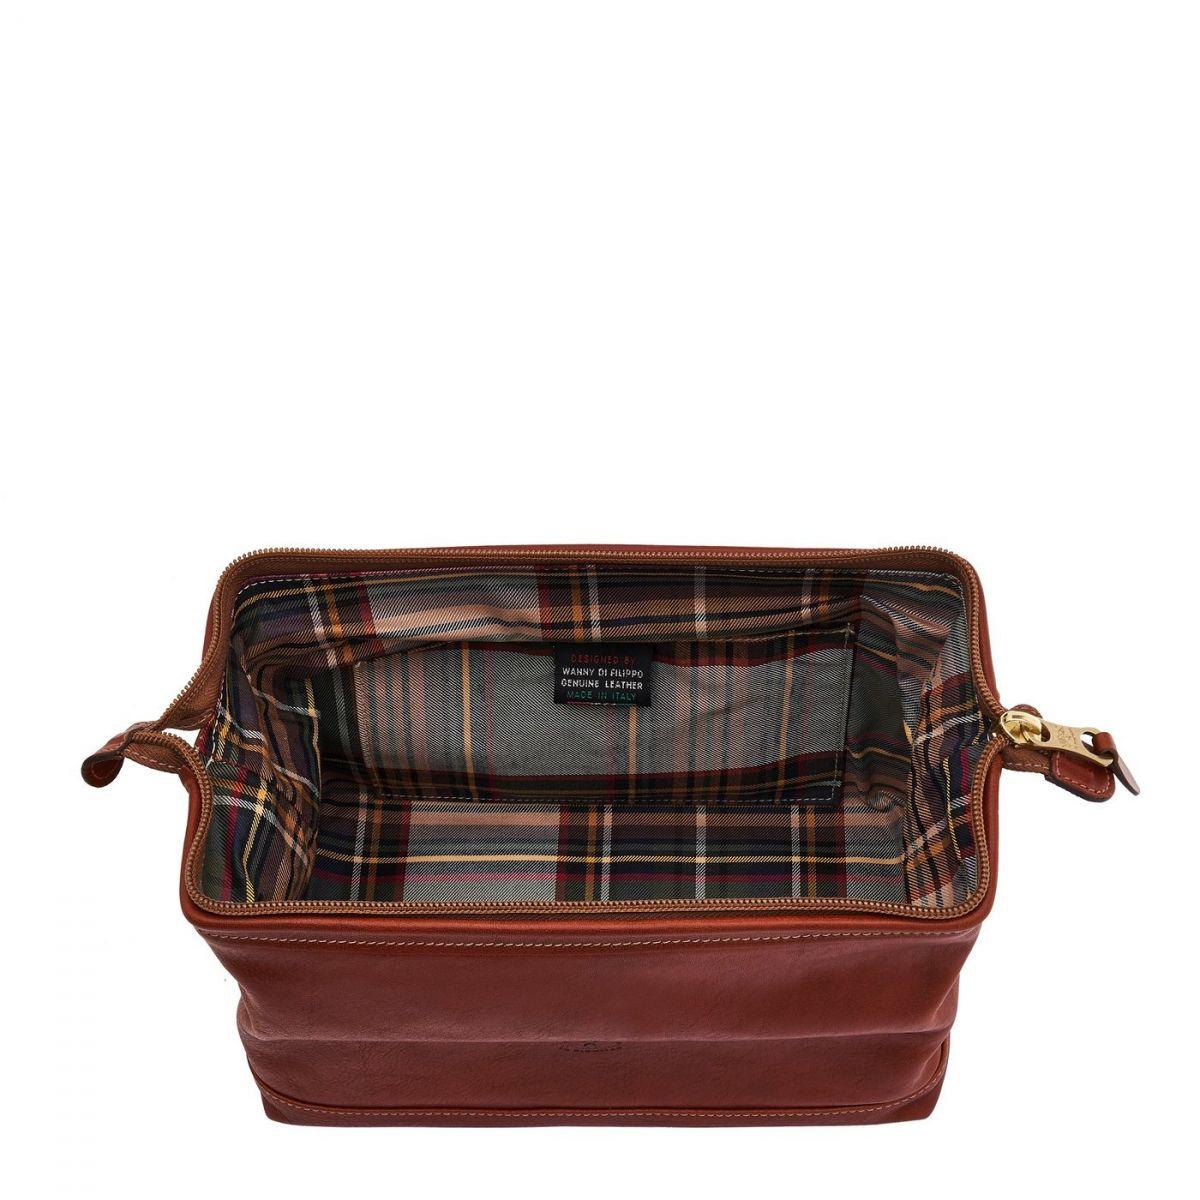 Men's Case  in Vintage Cowhide Leather SCA024 color Dark Brown Seppia | Details